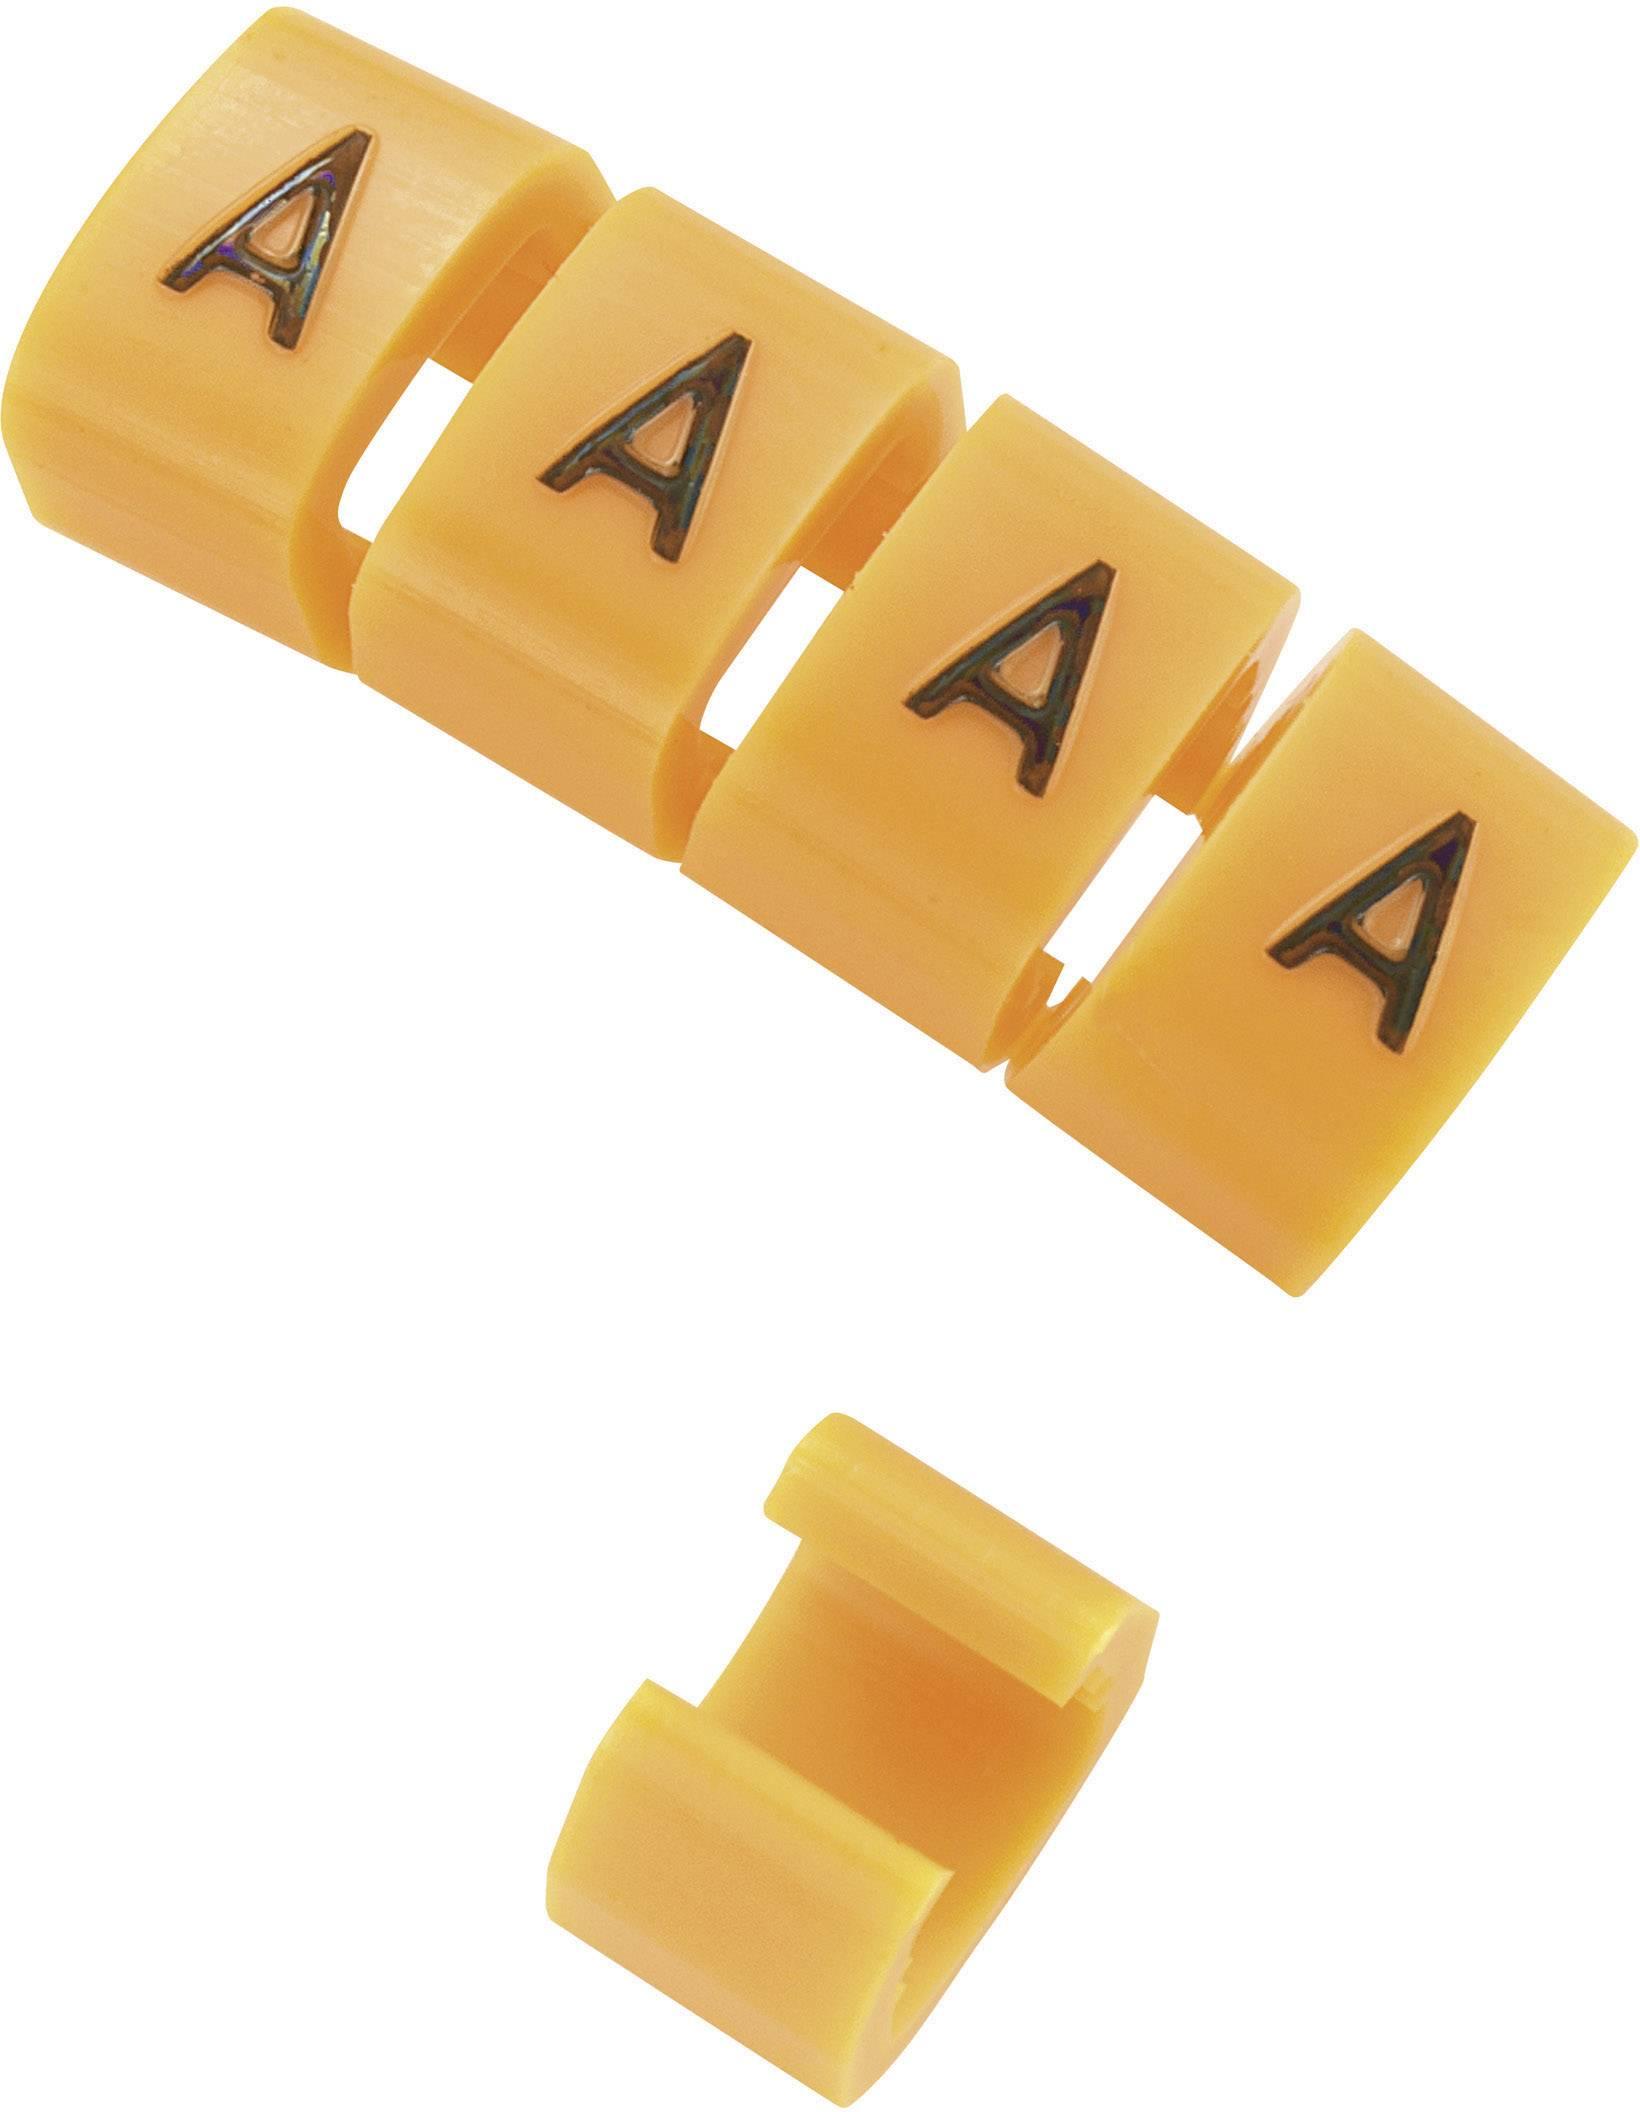 Označovacie objímka na káble KSS MB2/J, oranžová, 10 ks